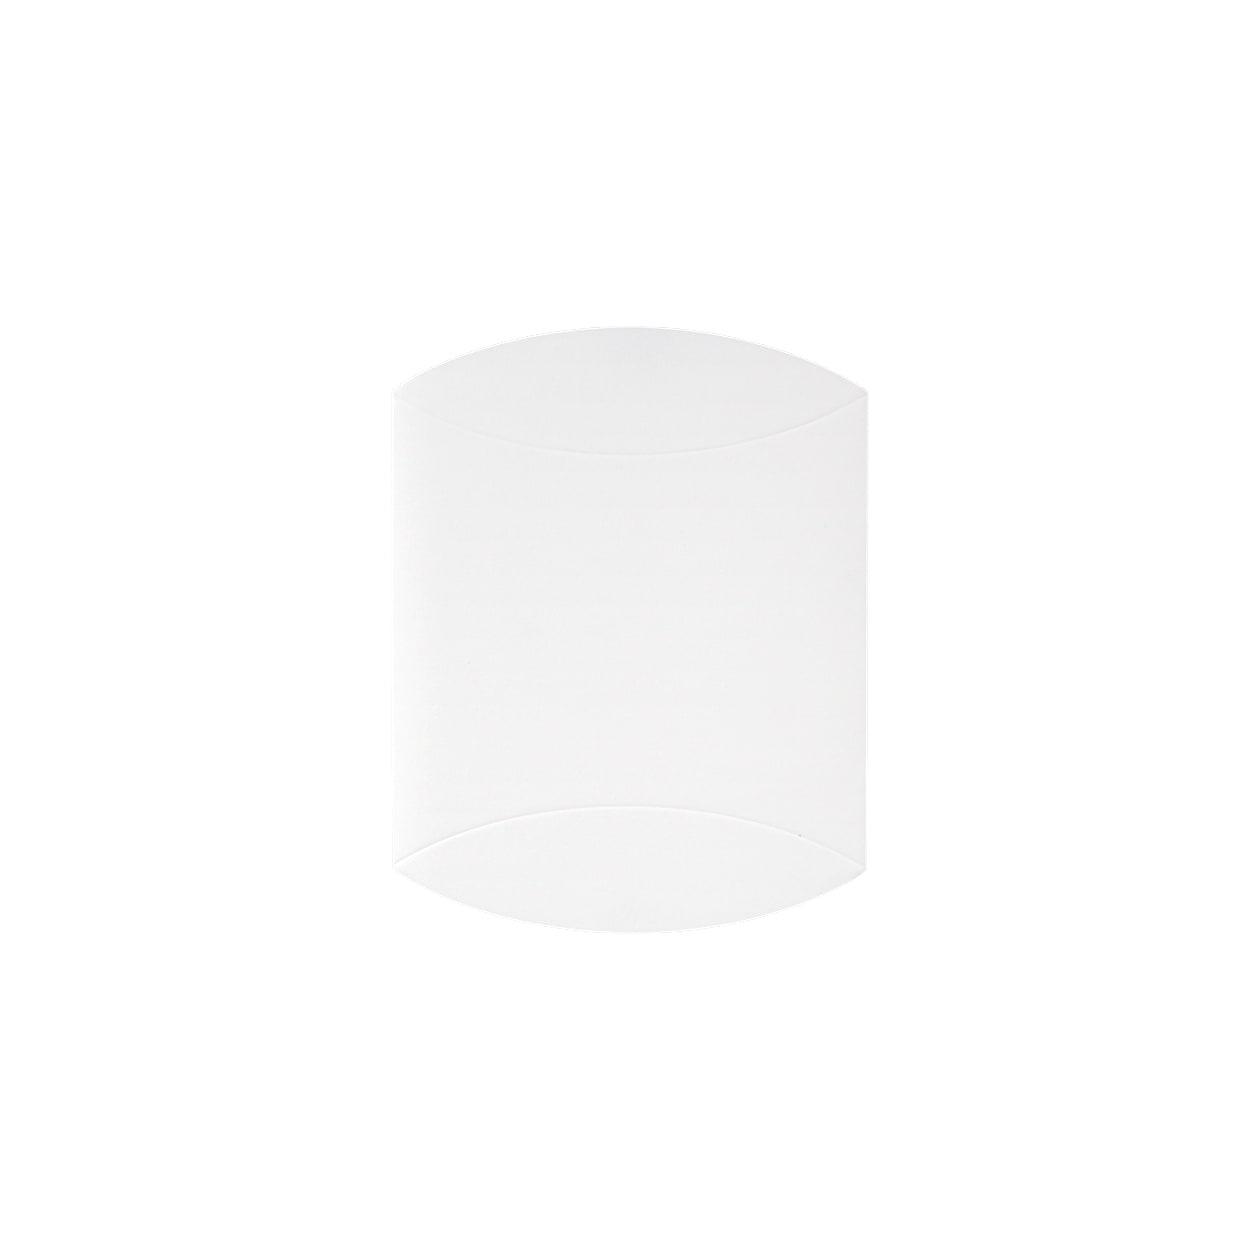 ピローケース115×115×30 コットン スノーホワイト 232.8g